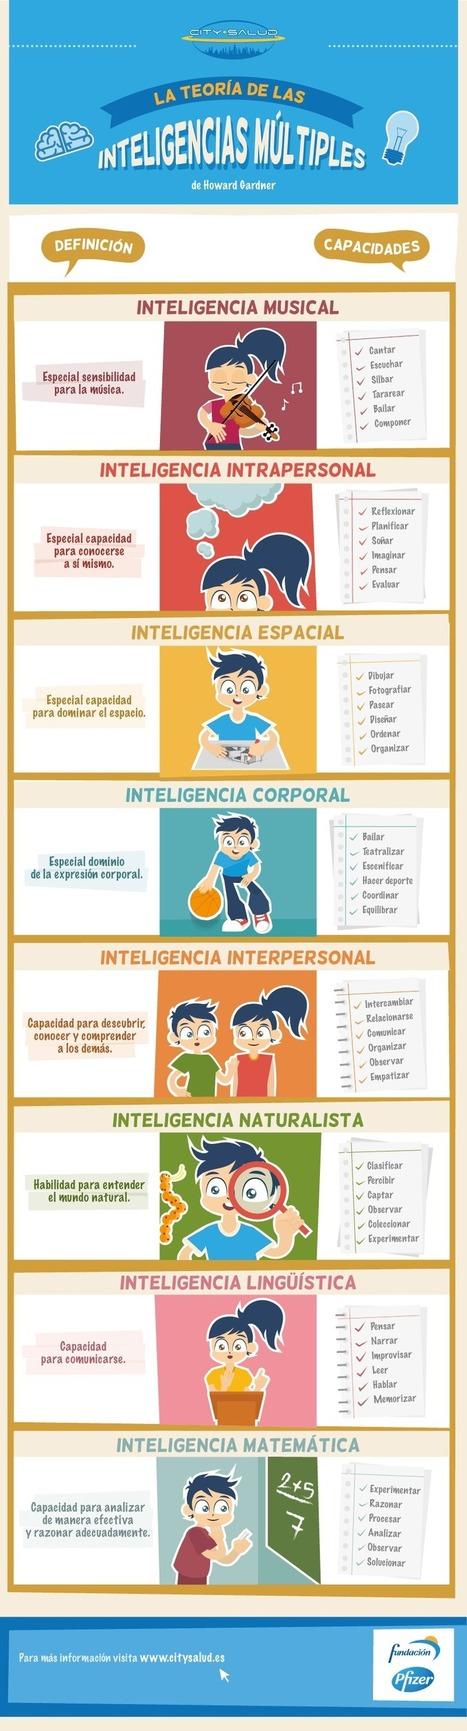 Inteligencias Mútiples de Gardner – Definiciones y Capacidades | Infografía | FOTOTECA INFANTIL | Scoop.it